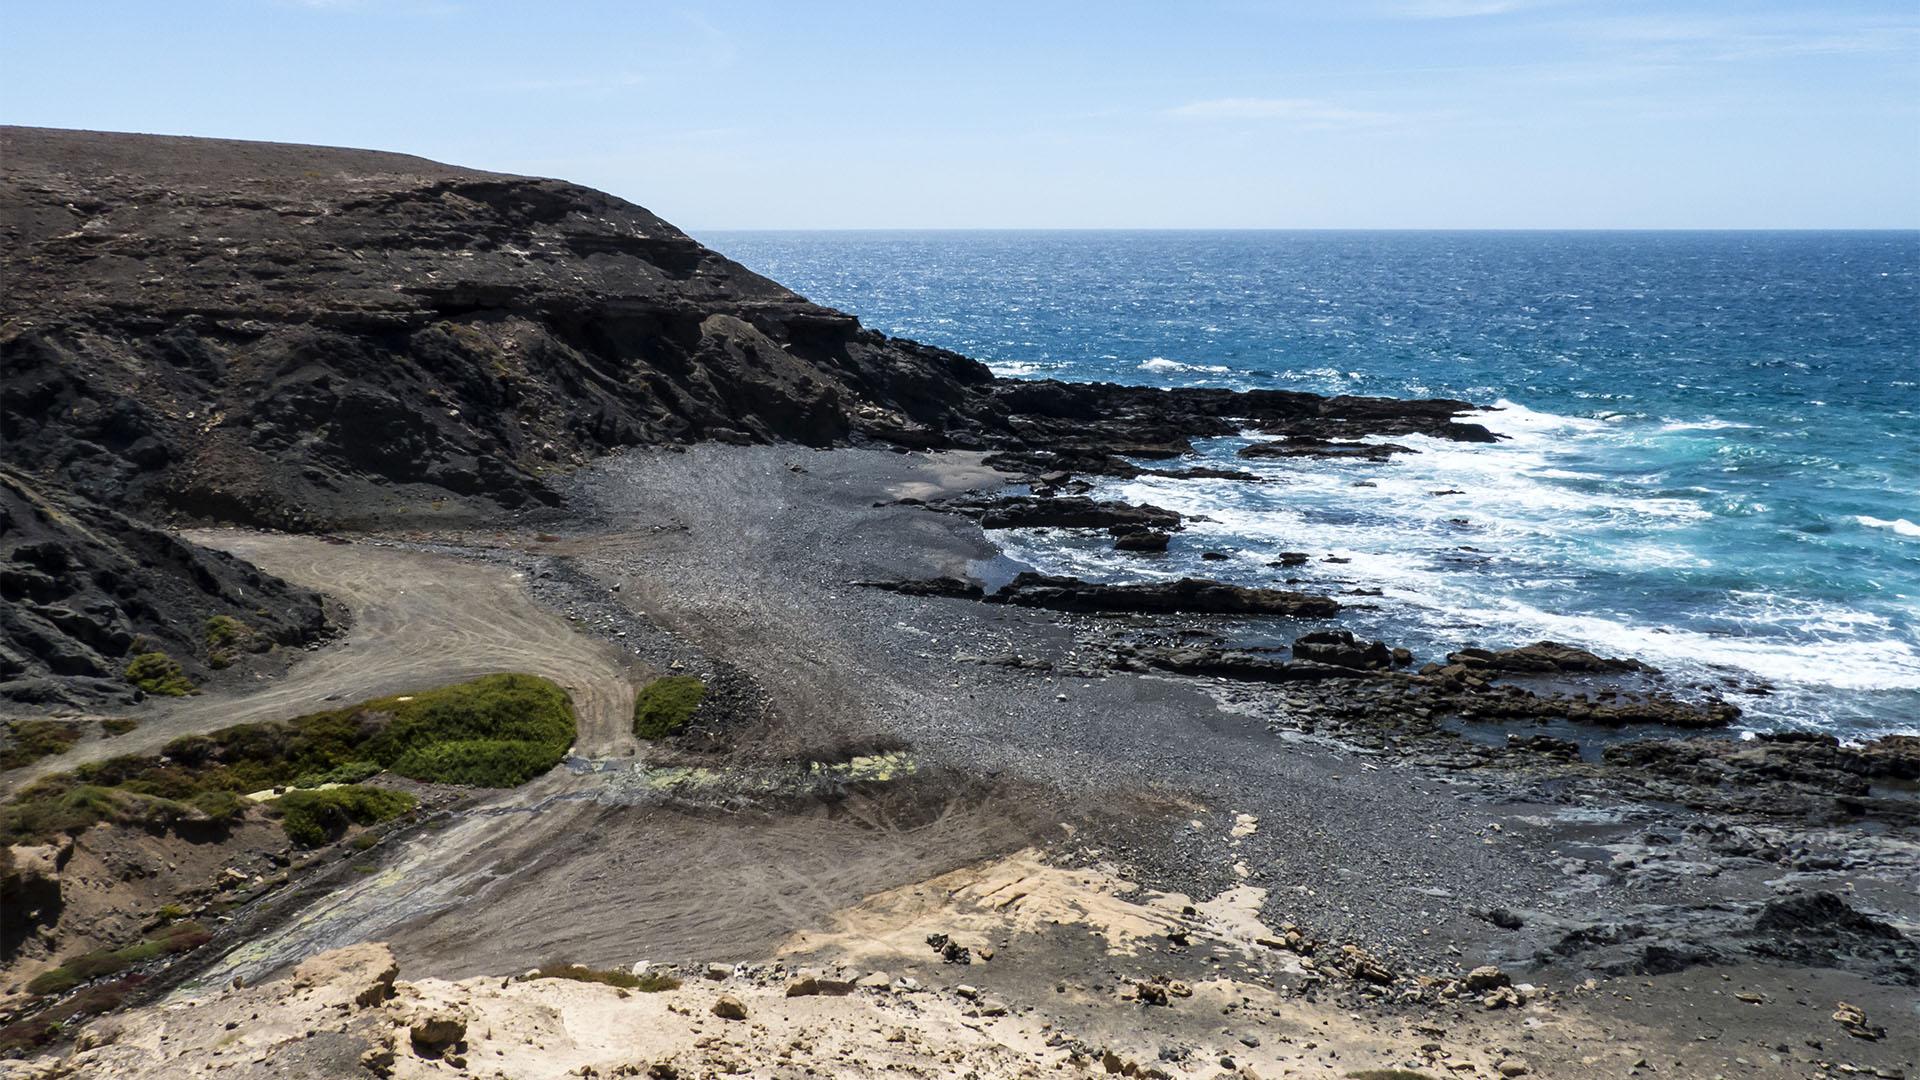 Die Strände Fuerteventuras: Baja del Junguillo aka Playa de Junguillo